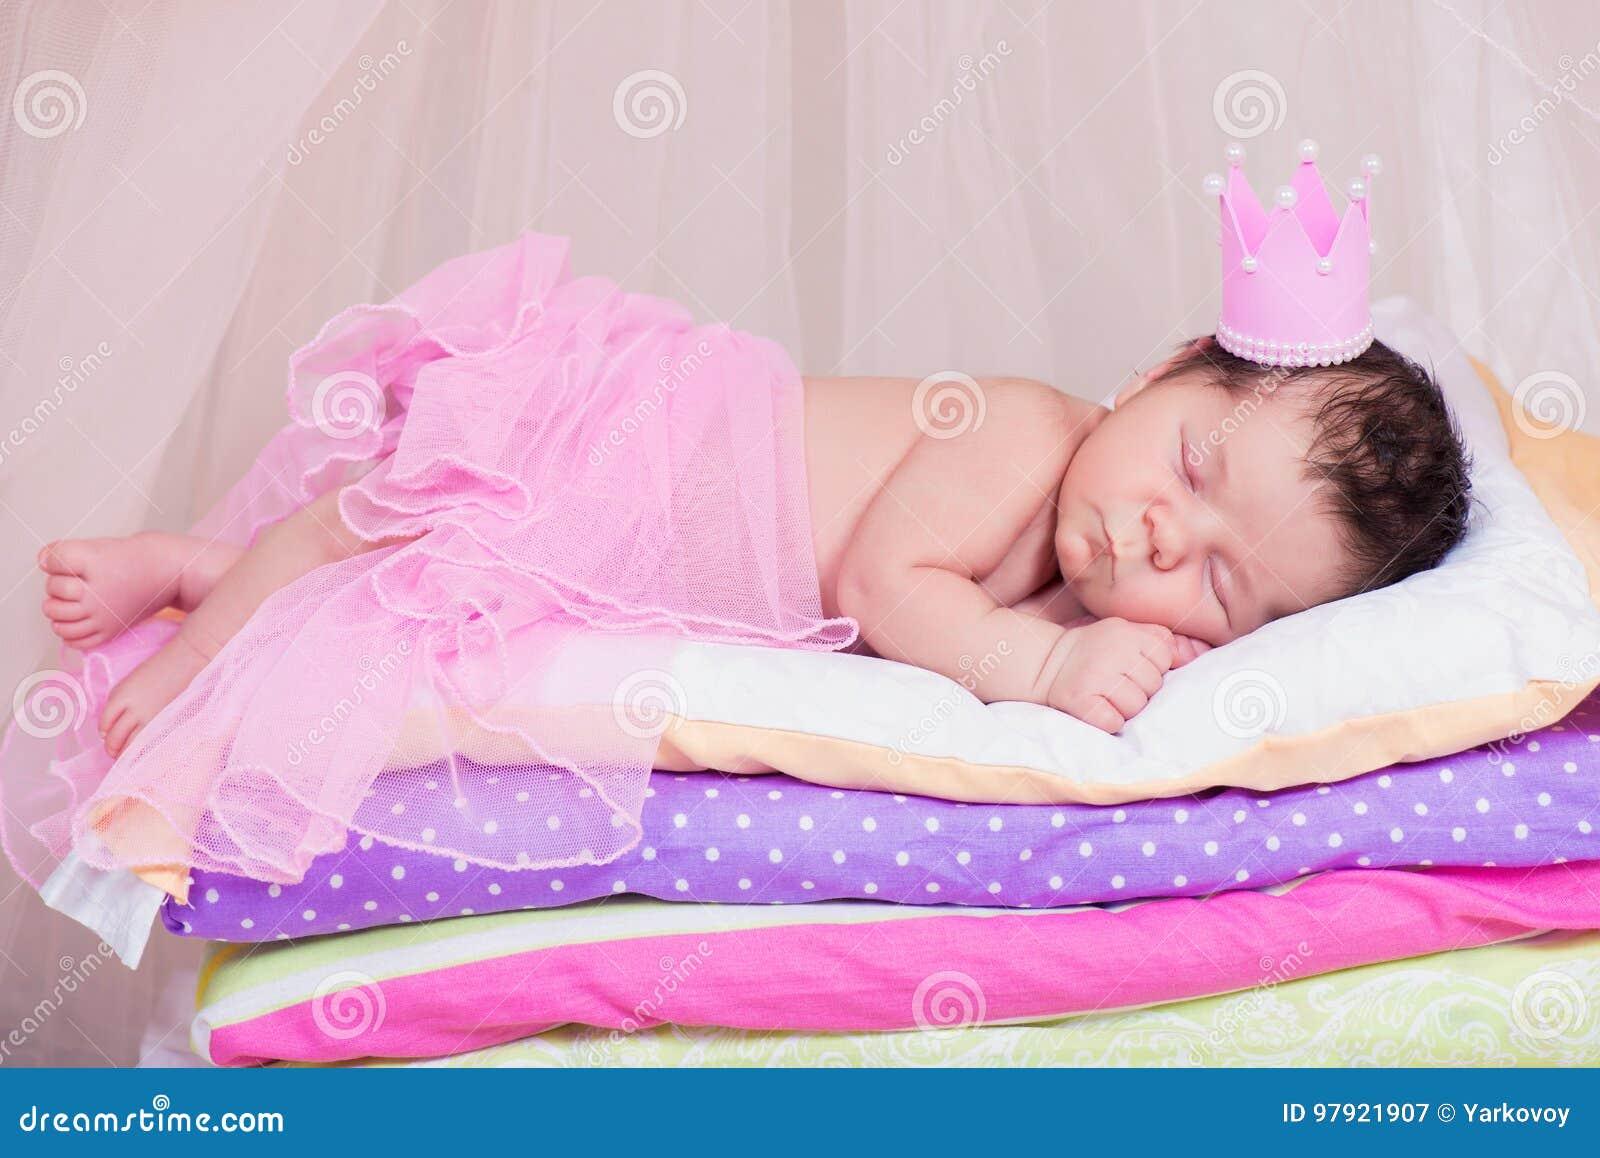 Prinzessin auf der erbse bett  Neugeborenes Baby In Einer Krone Schlafend Auf Dem Bett Von ...